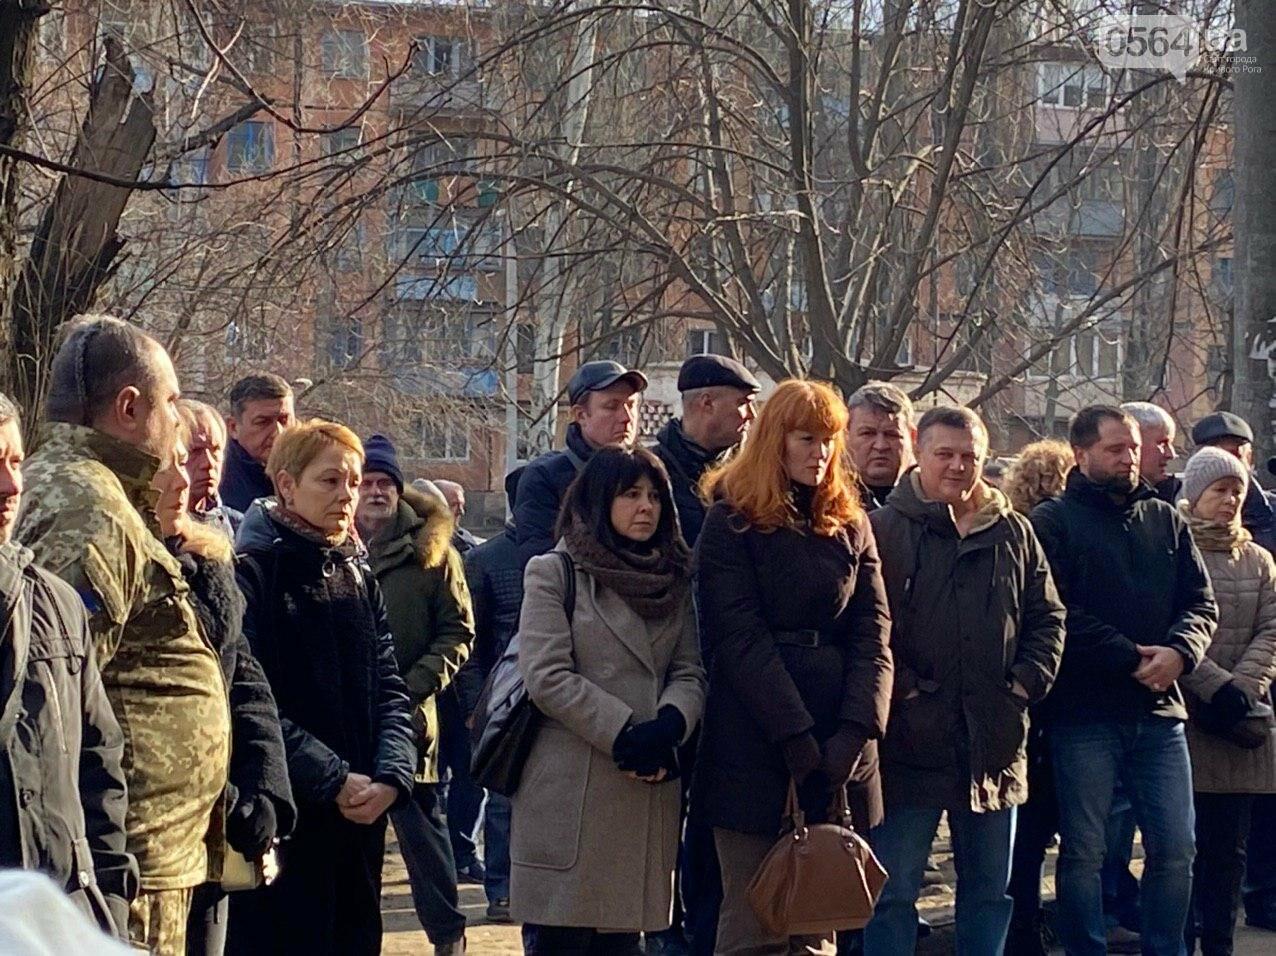 Кривой Рог прощается с патриотом - волонтером Андреем Садыло, - ФОТО, ВИДЕО, фото-20